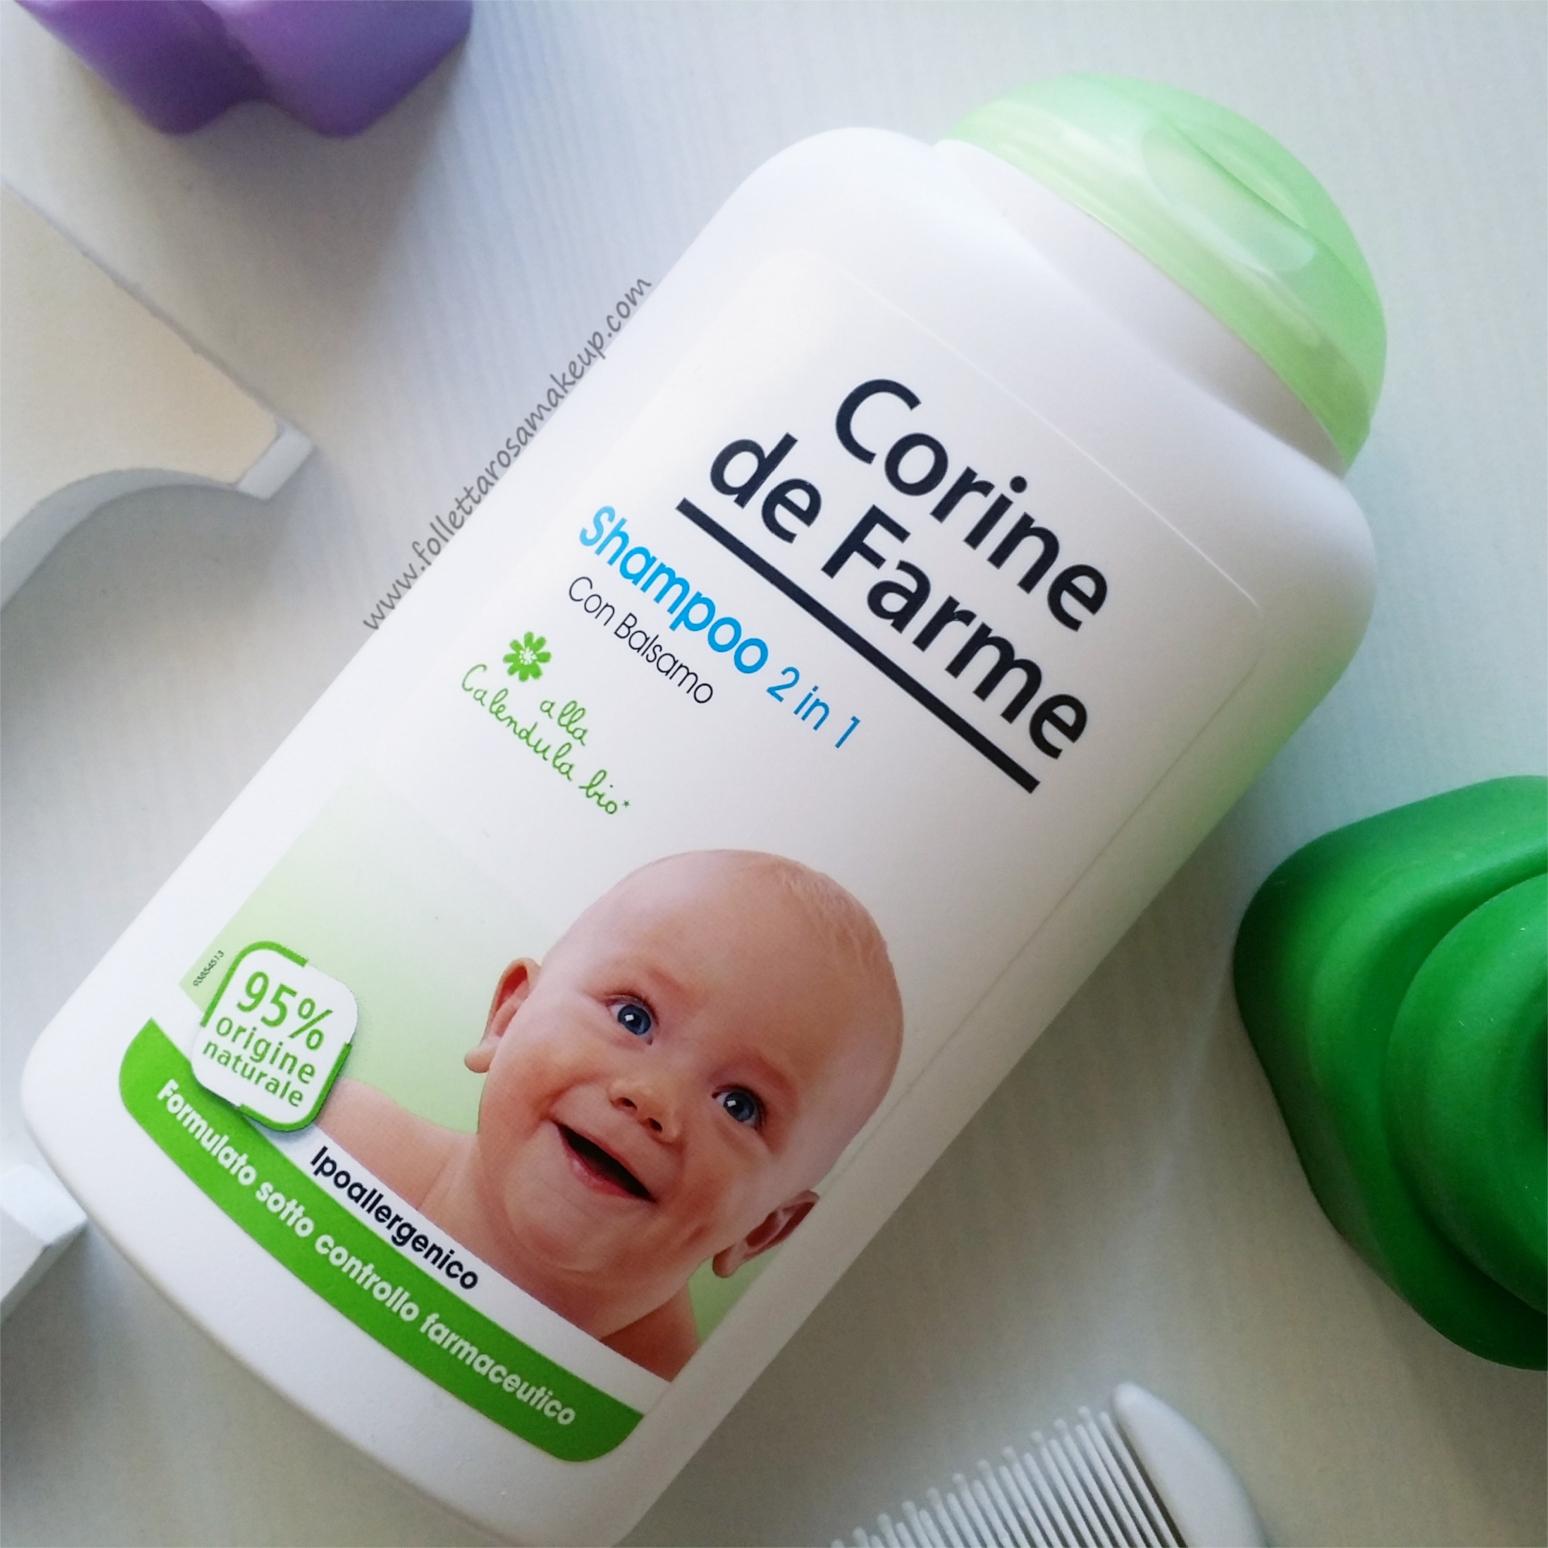 corine-de-farme-shampoo-balsamo-opinione